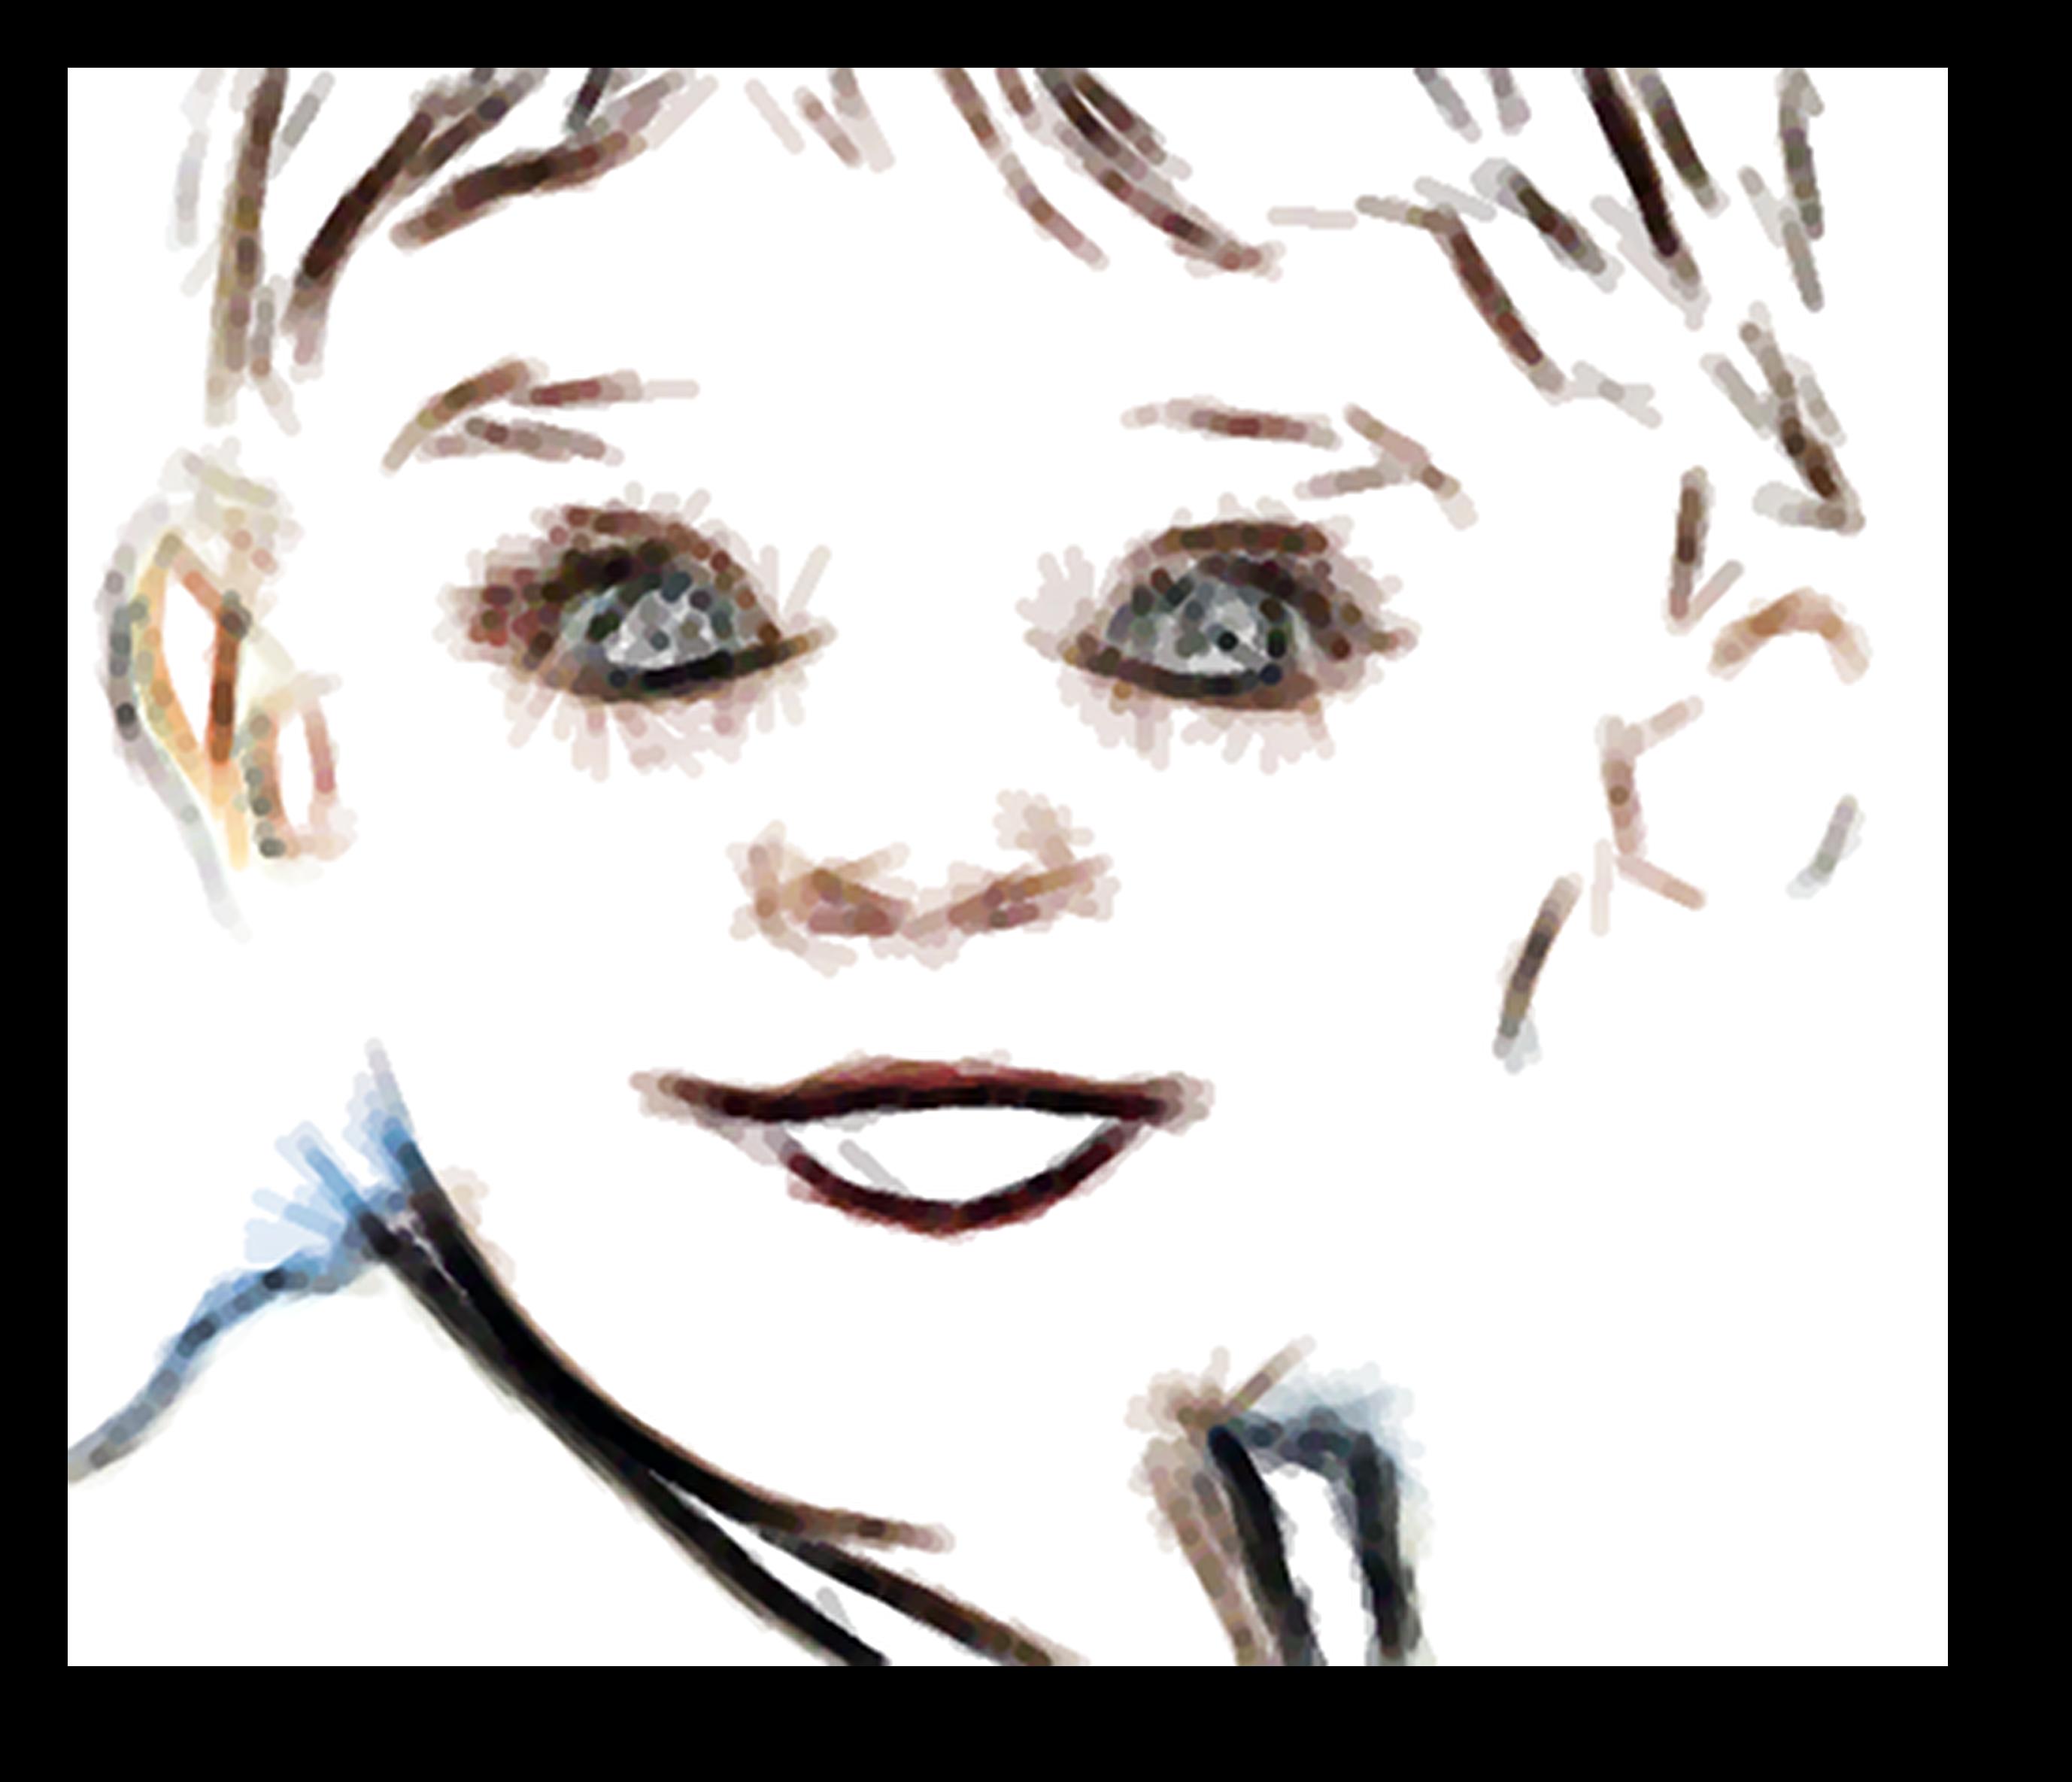 Sguardo innocente e meravigliato di un bambino, pittura digitale di Francesco Galgani, 14 ottobre 2020